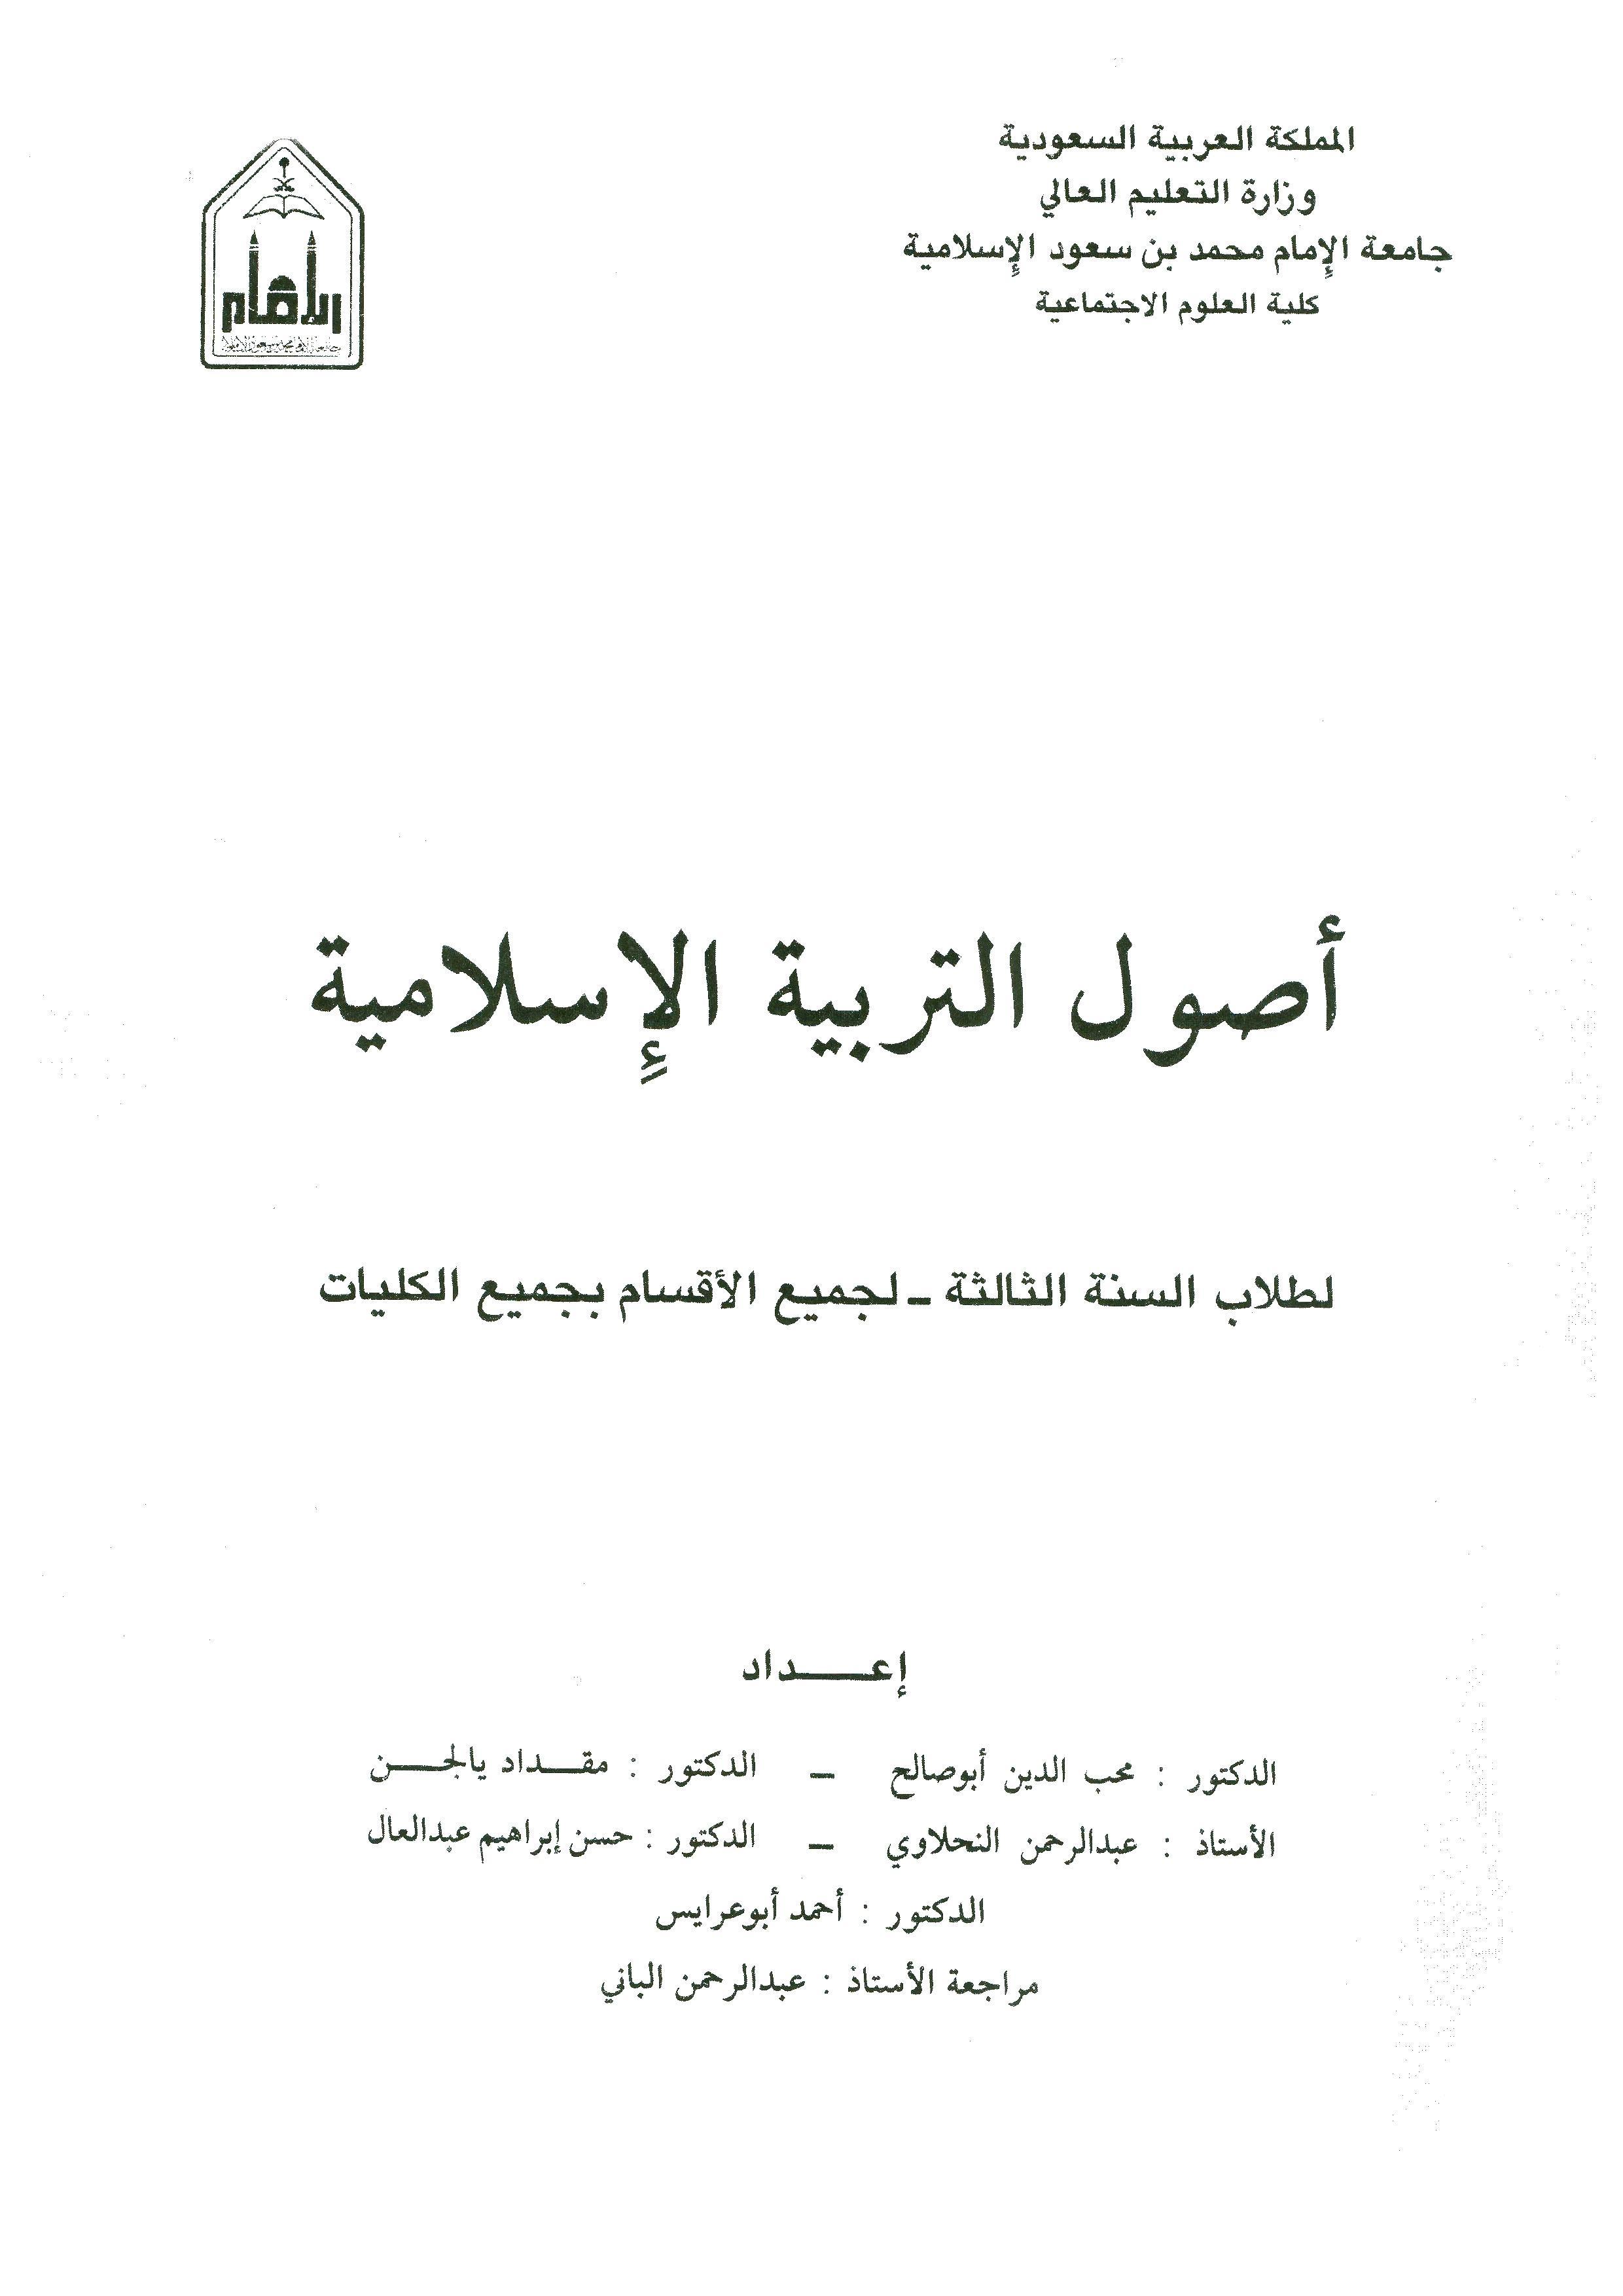 صفحة غلاف بحث جامعة الملك عبدالعزيز Bertul